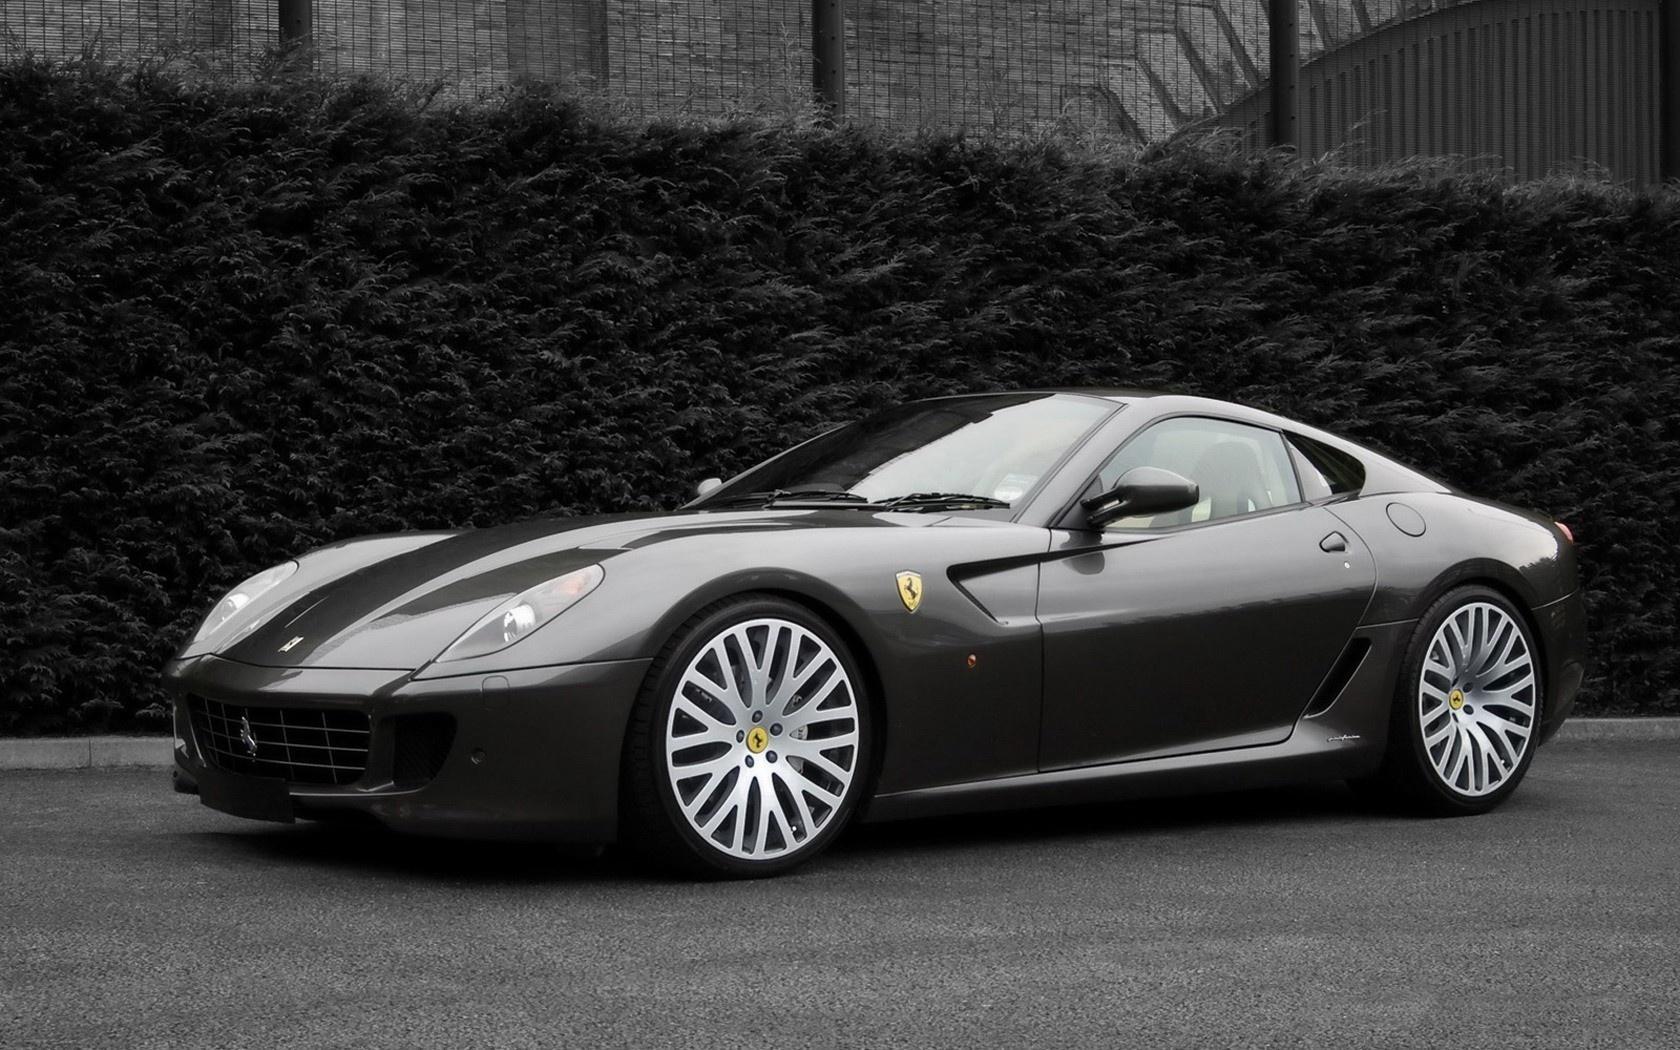 Разрешение 1280x1024px, обоя авто, черно-белая, автомобили, project kahn, f